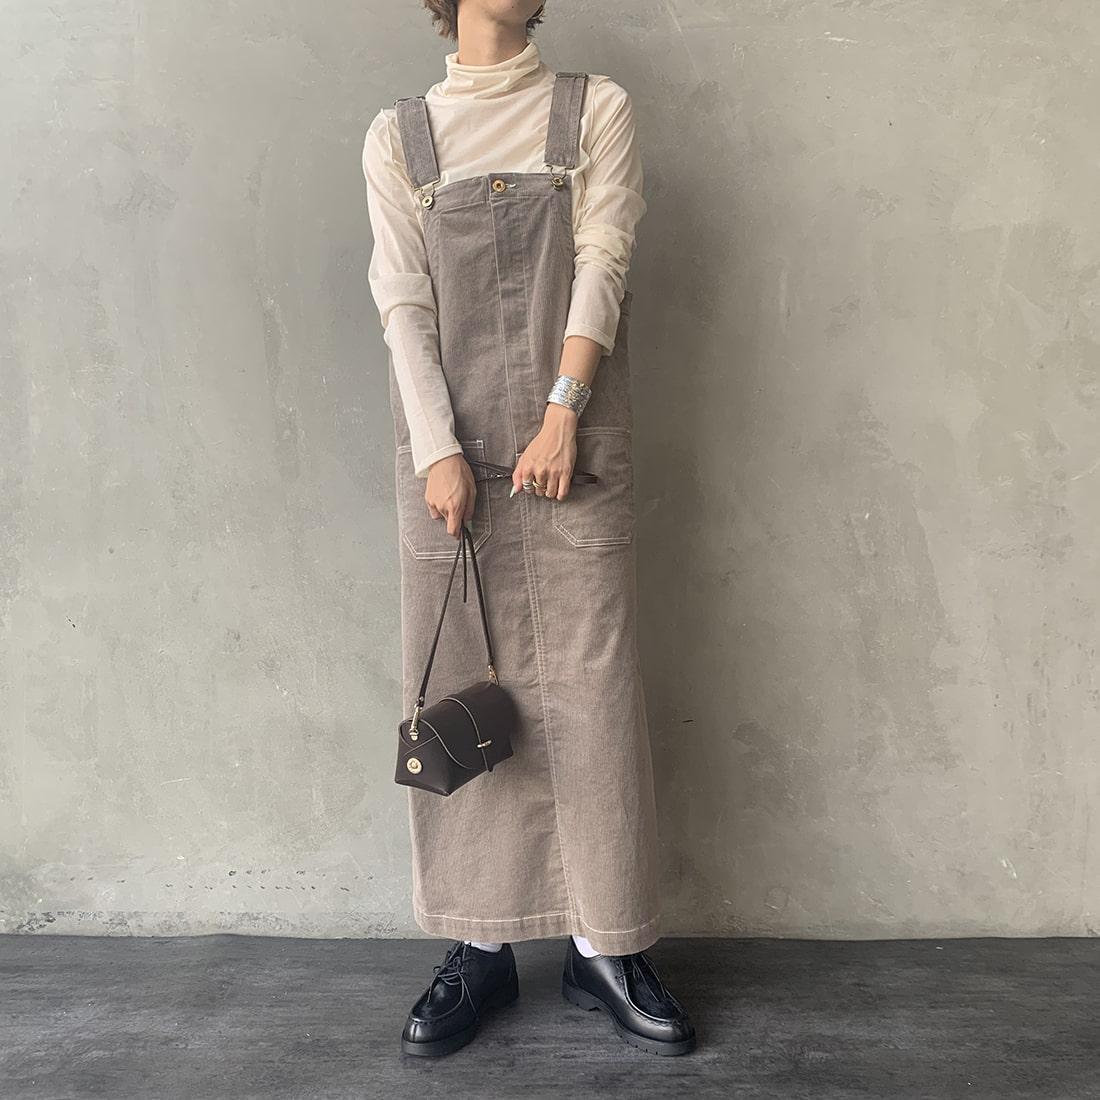 UNIVERSAL OVERALL [ユニバーサルオーバーオール] 別注コーデュロイマキシスカートです。